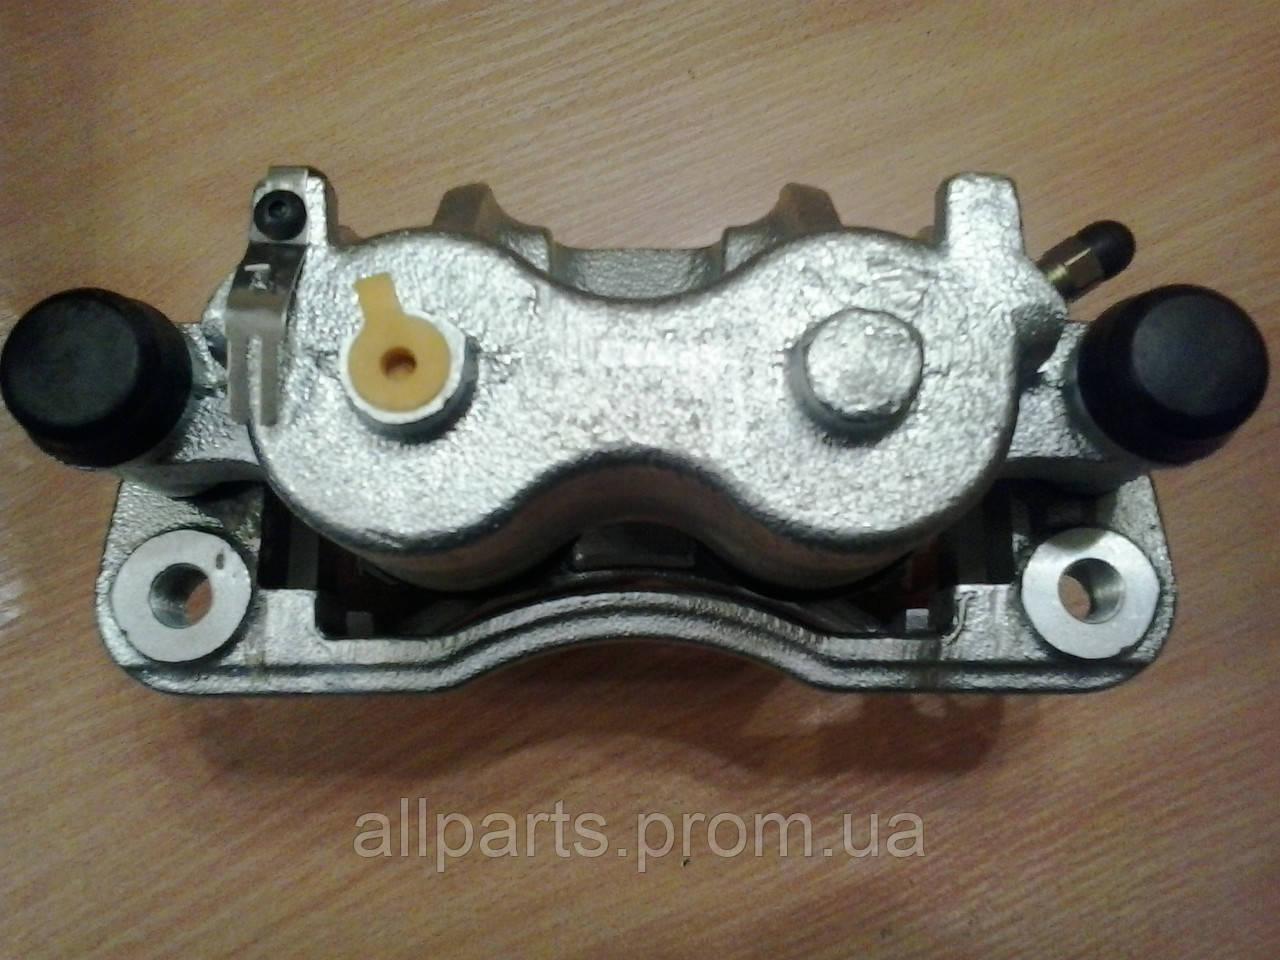 Тормозной суппорт Renault Master II  2.2D, 2.5D, 2.8D, 3.0D 98-01  - б/у реставрация